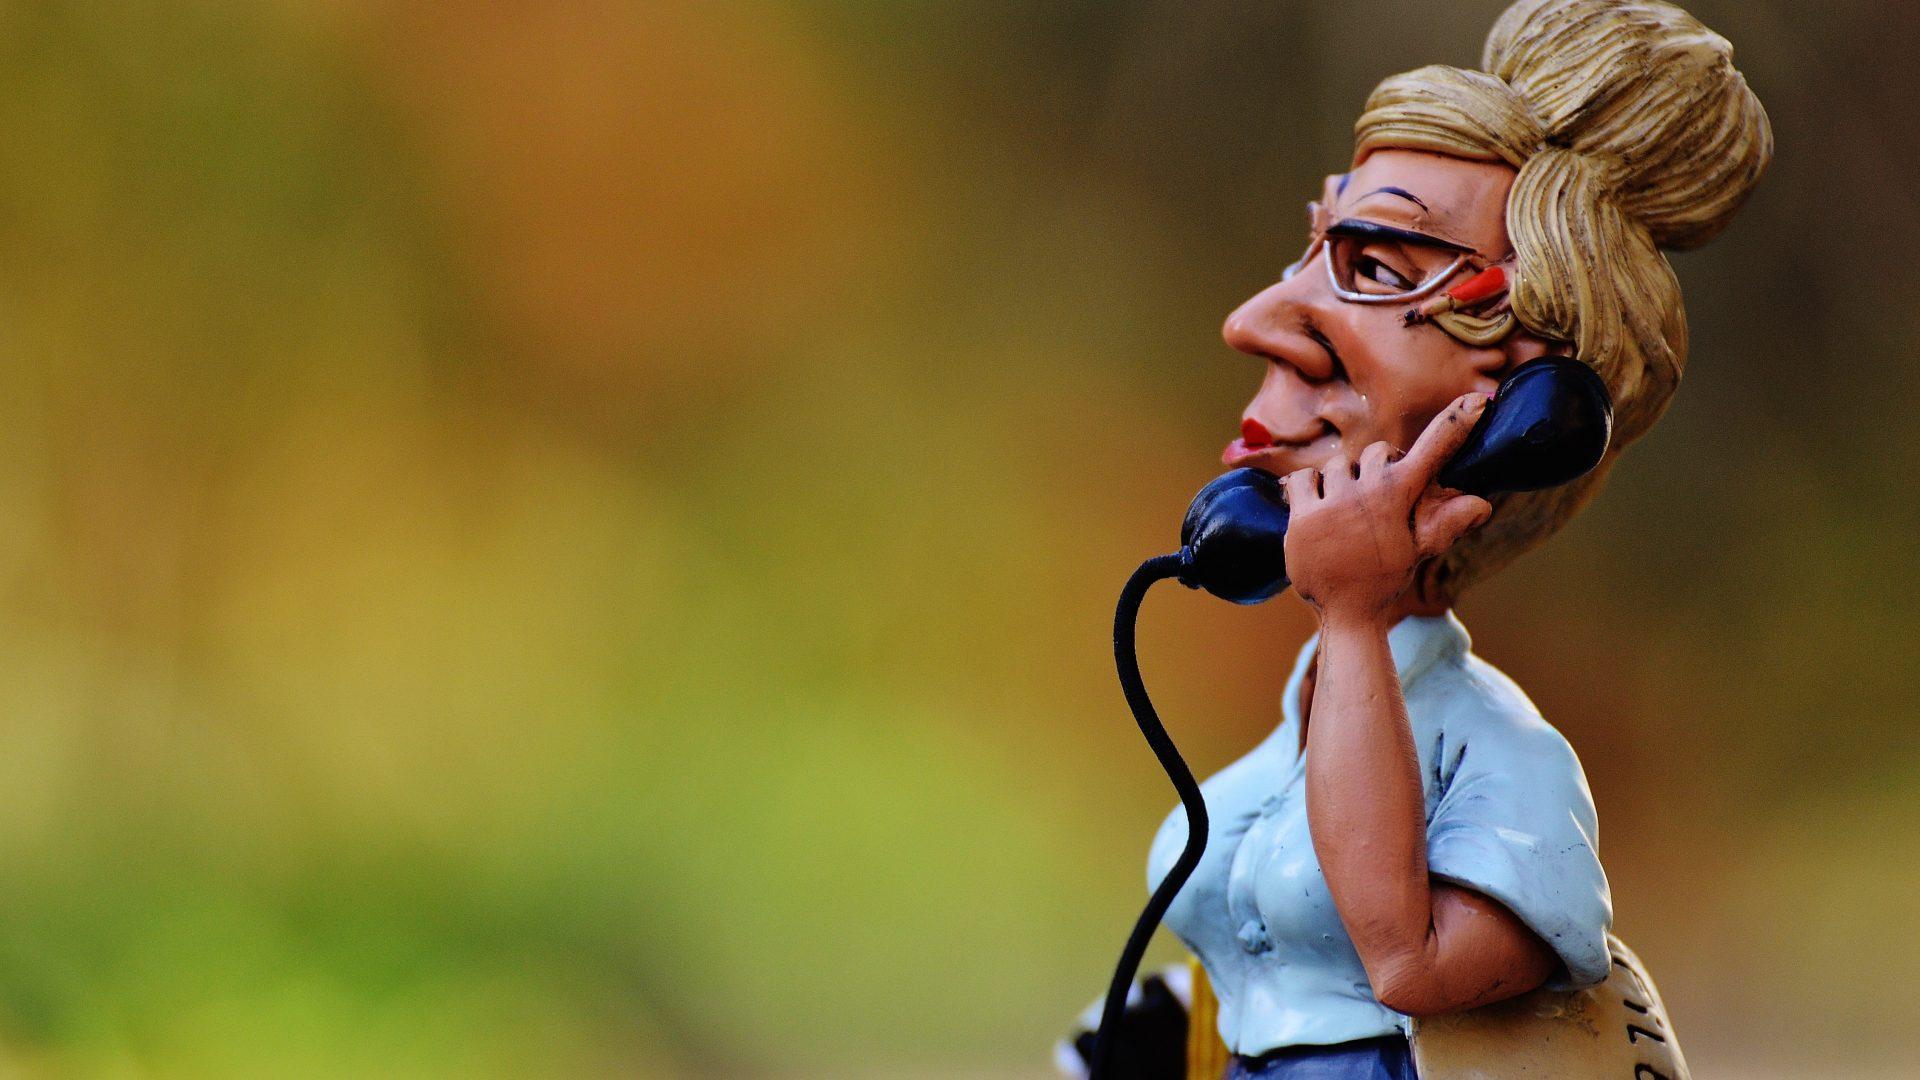 Rispondere al telefono in inglese come un inglese